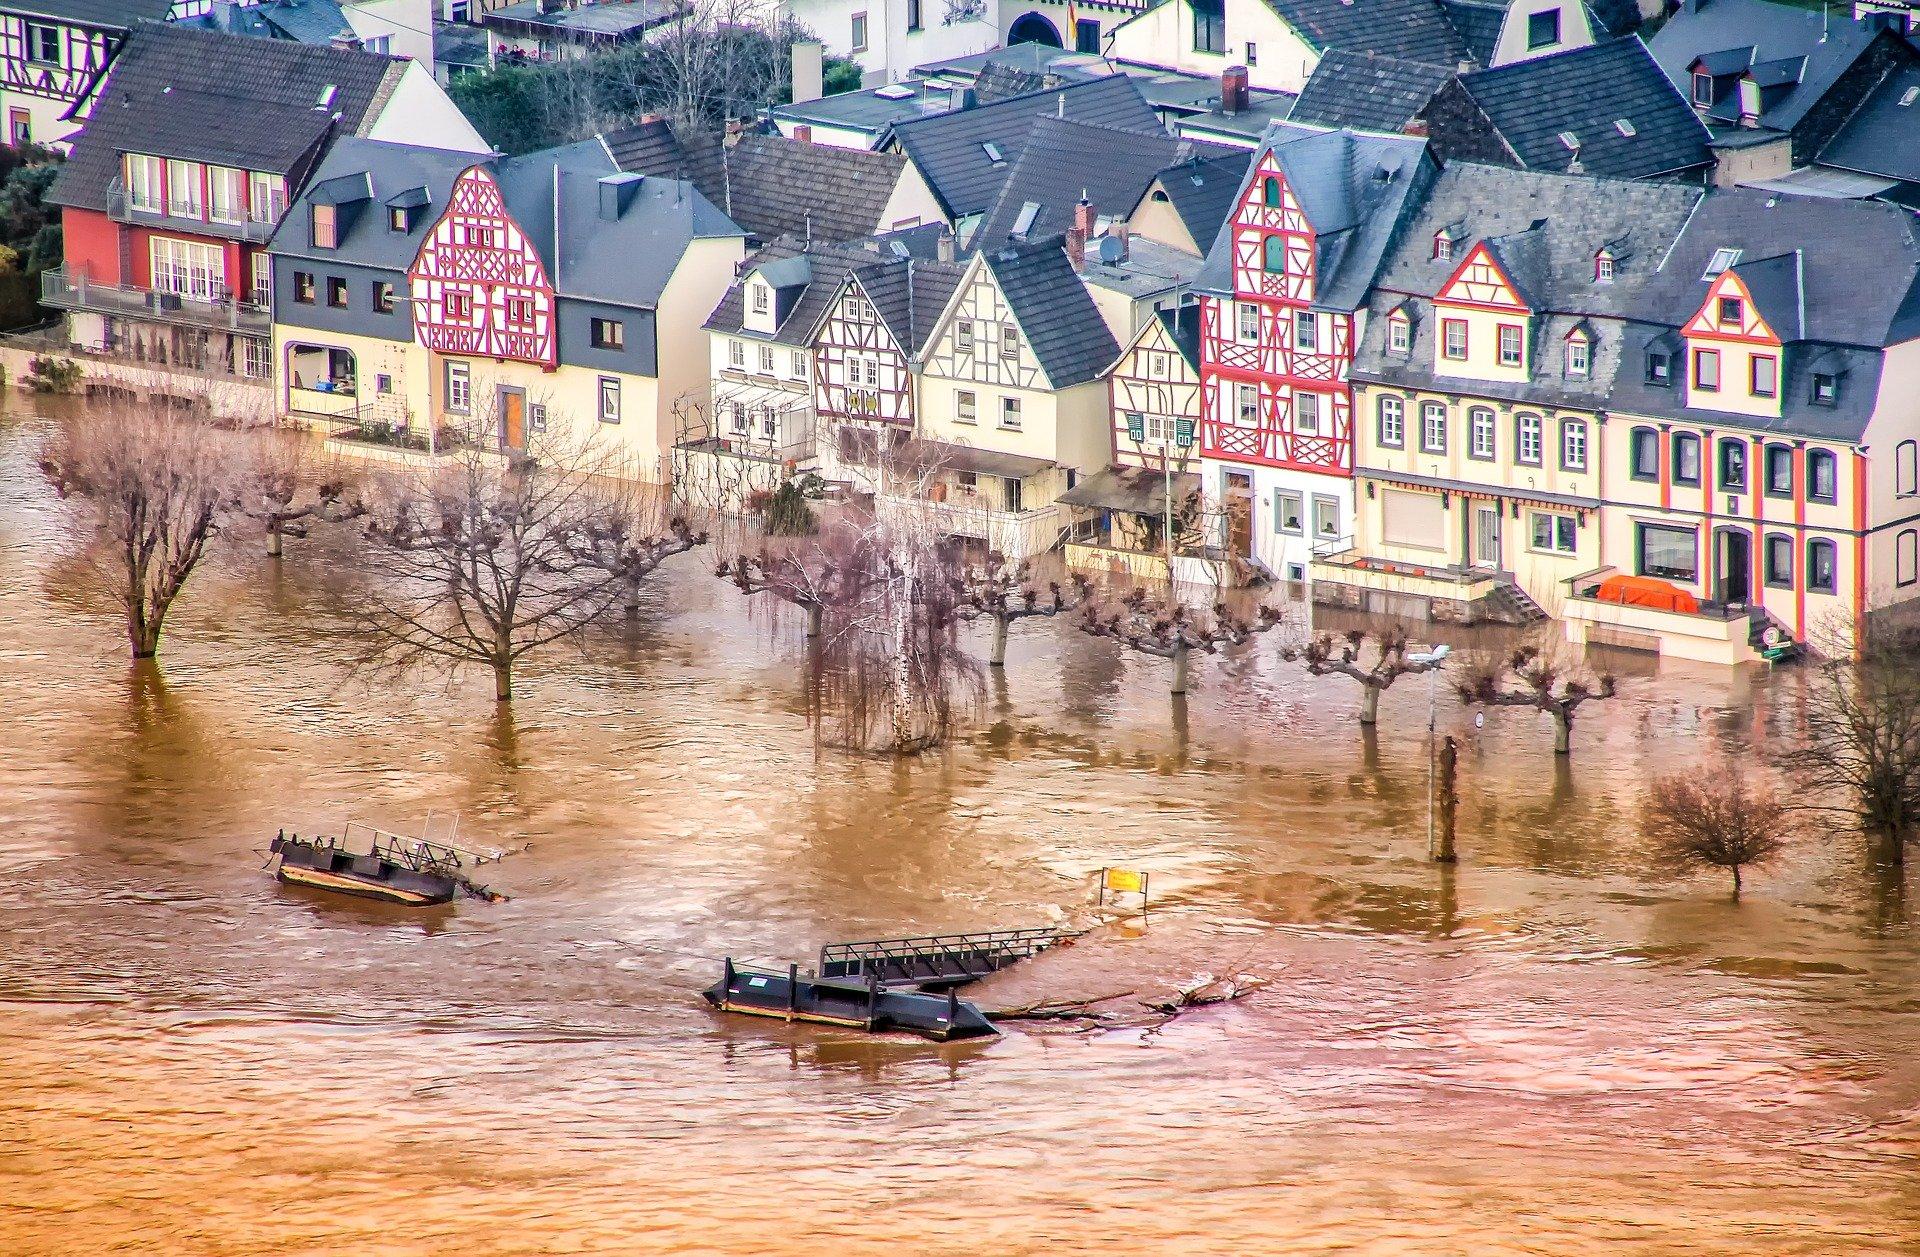 Les inondations dévastatrices de juillet 2021 ont fait plus de 180 victimes en Allemagne et en Belgique.